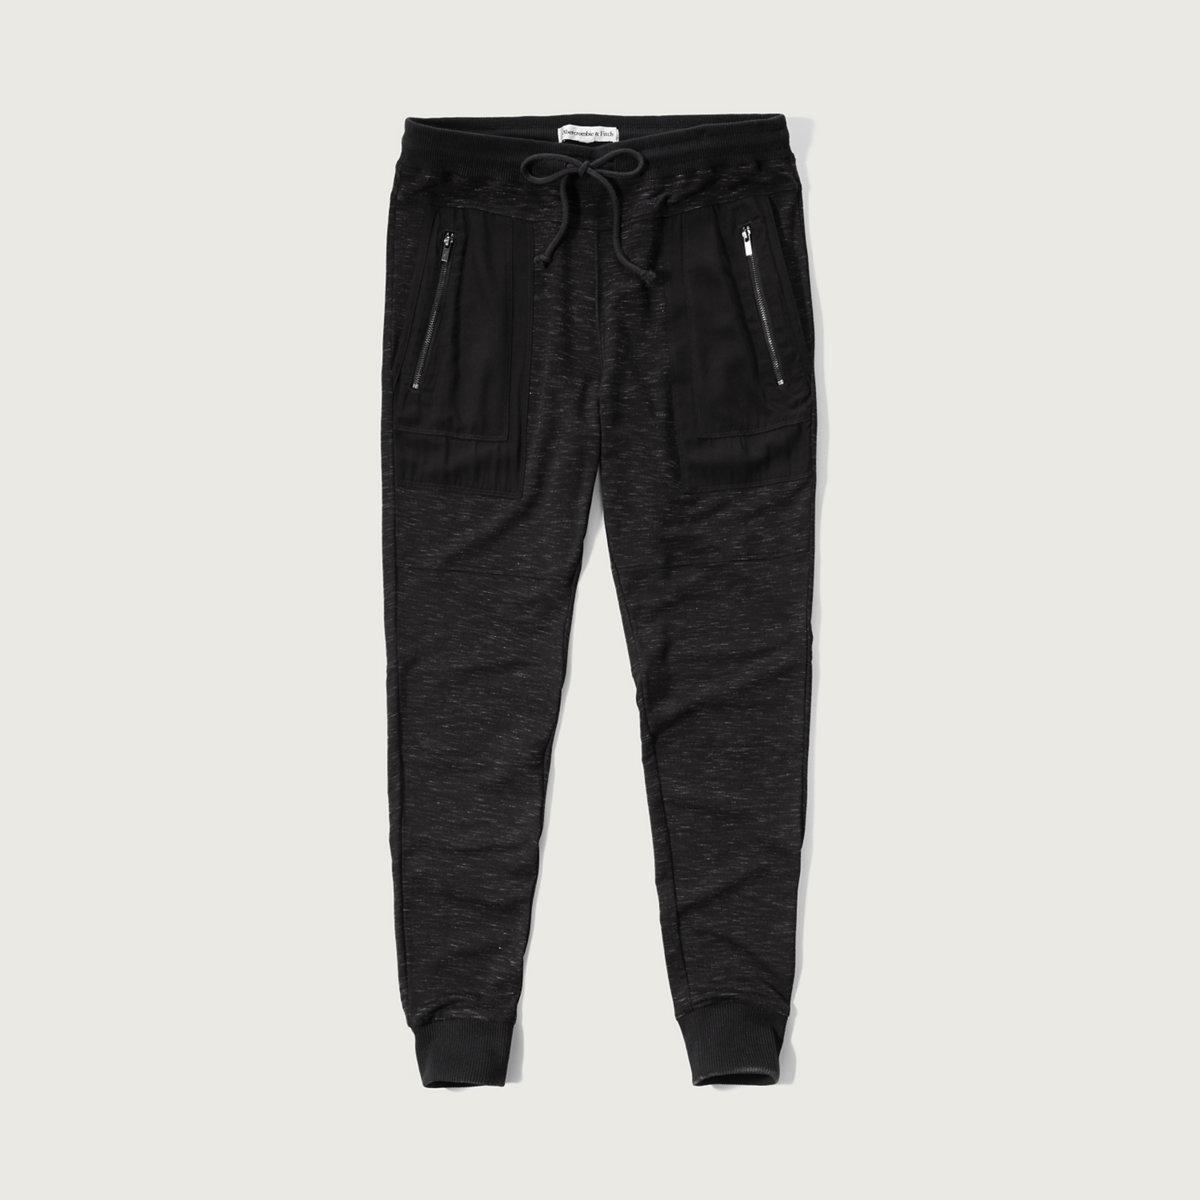 Zip Pocket Joggers